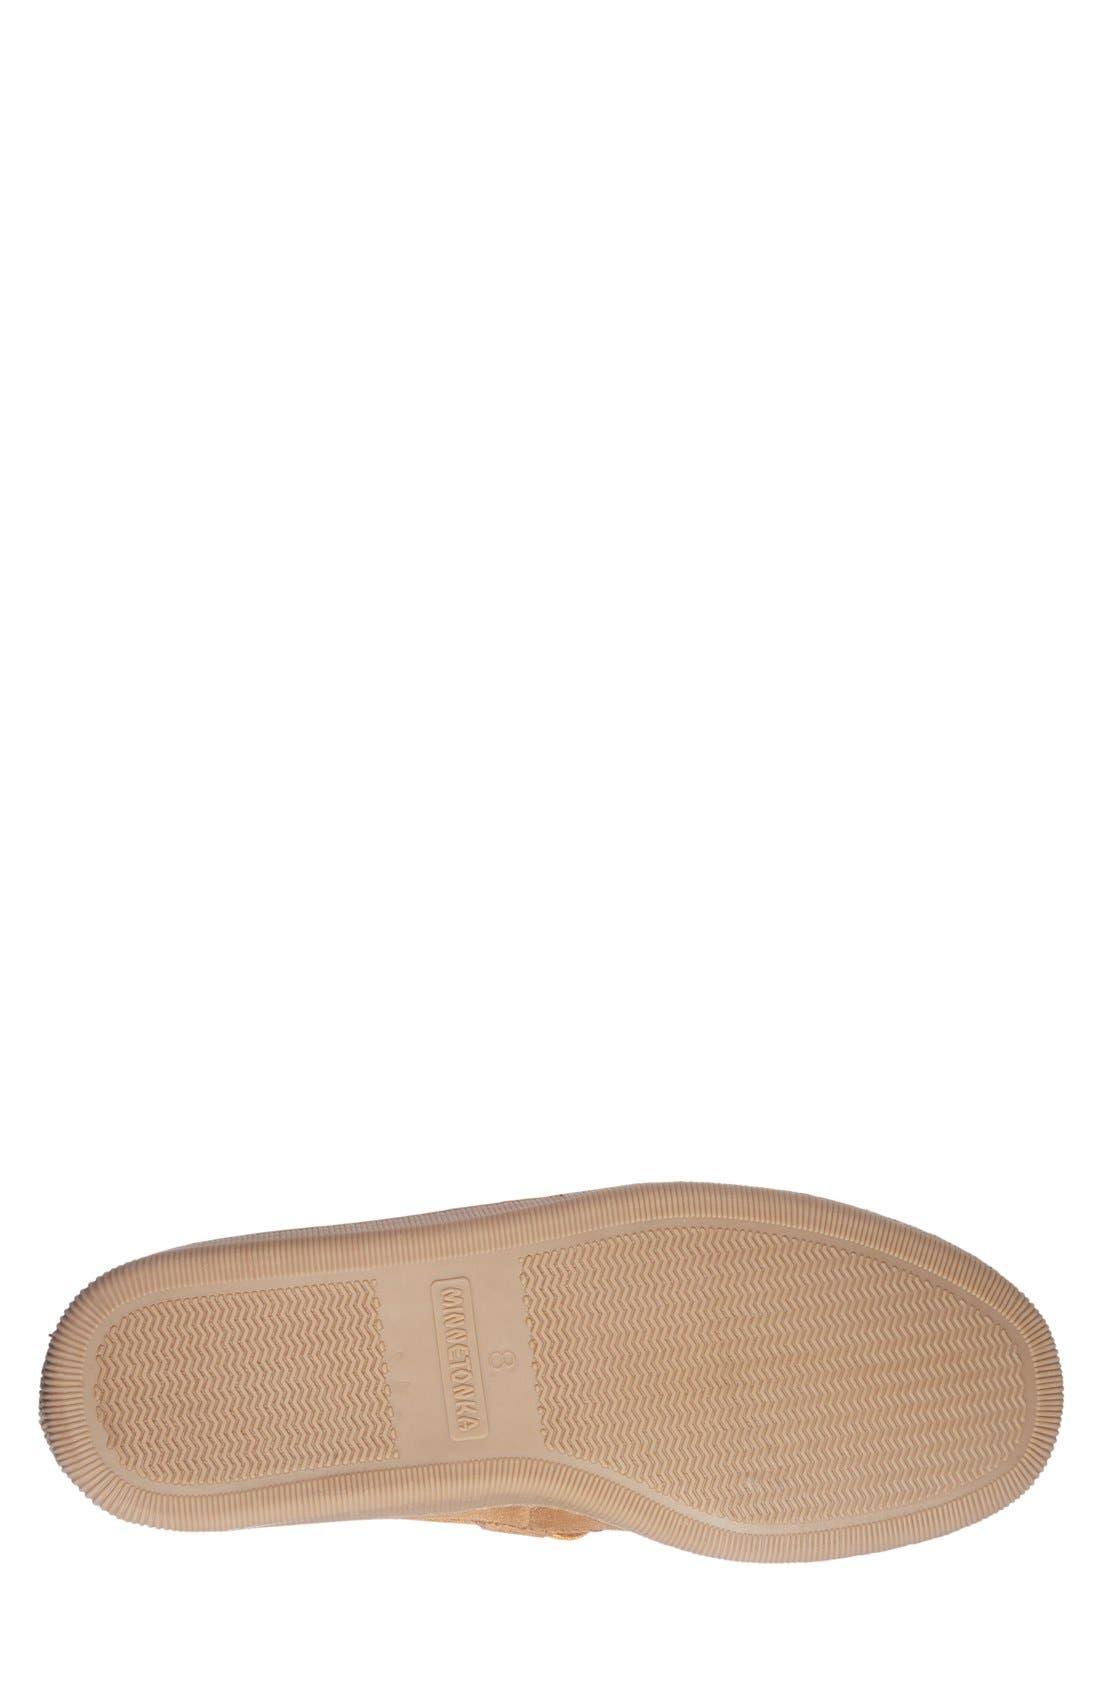 Alternate Image 4  - Minnetonka Genuine Shearling Moccasin Slipper (Men)